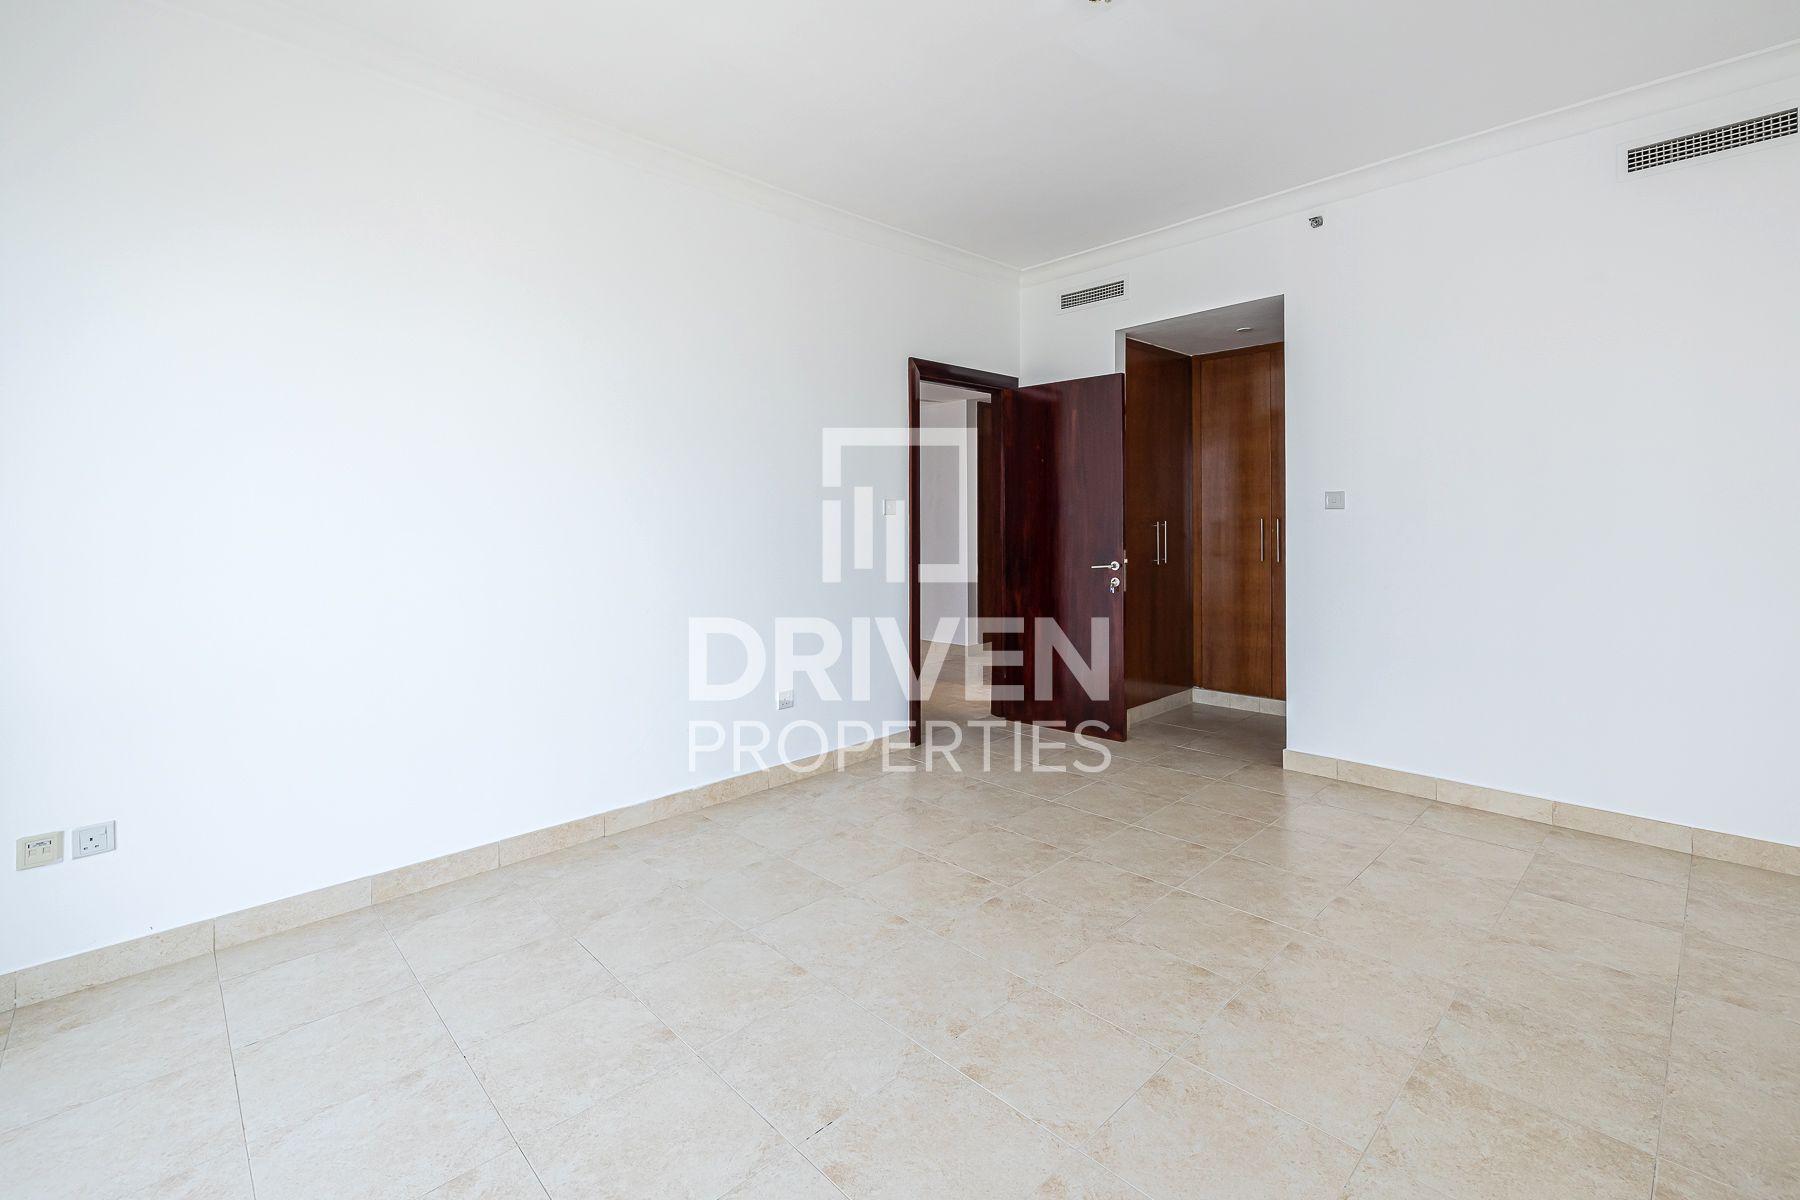 للبيع - شقة - فيروايز شرق - ذا فيوز